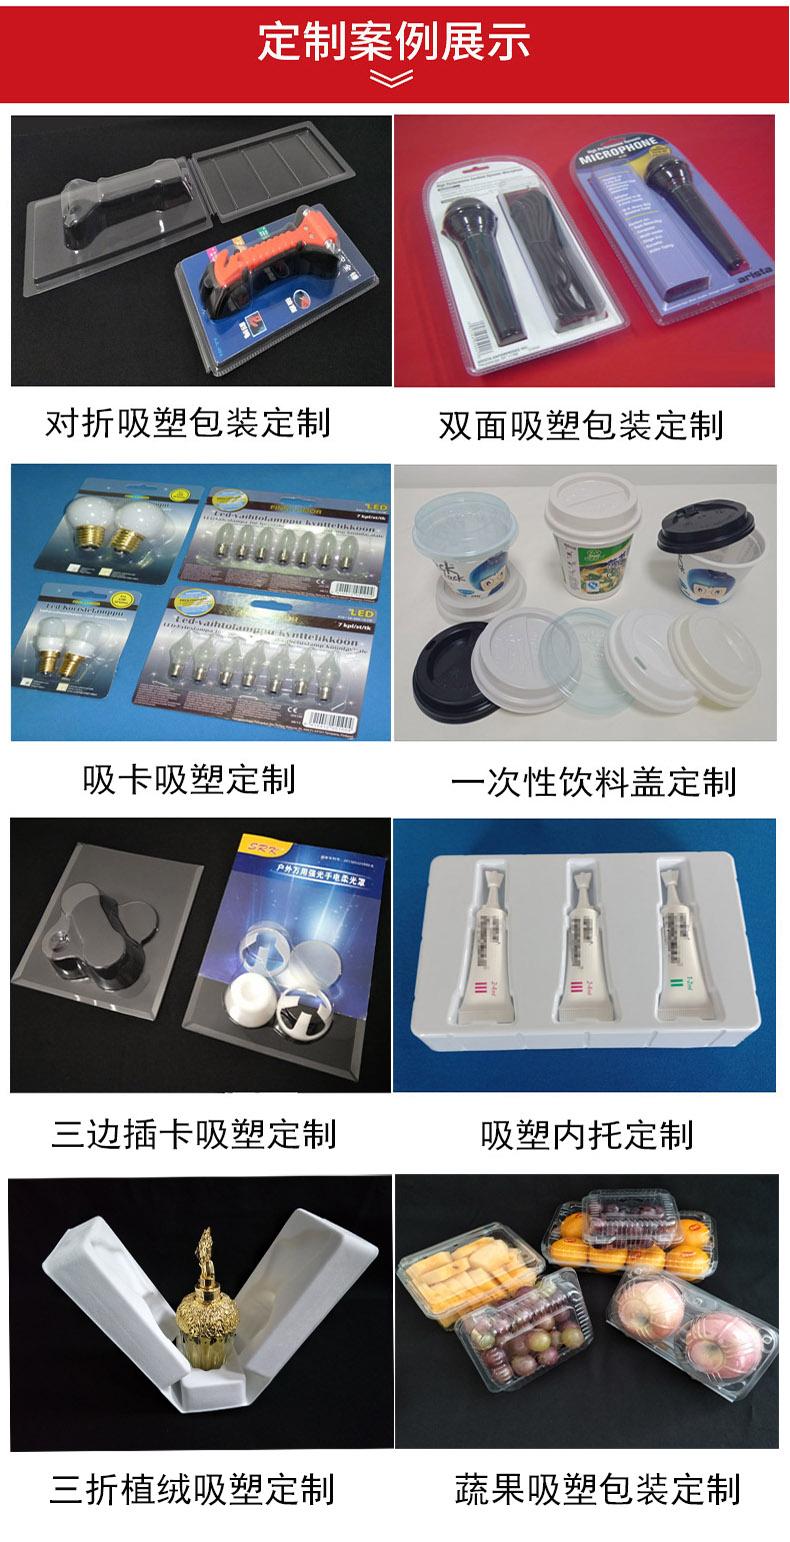 南京立发吸塑包装定制案例展示-8.jpg